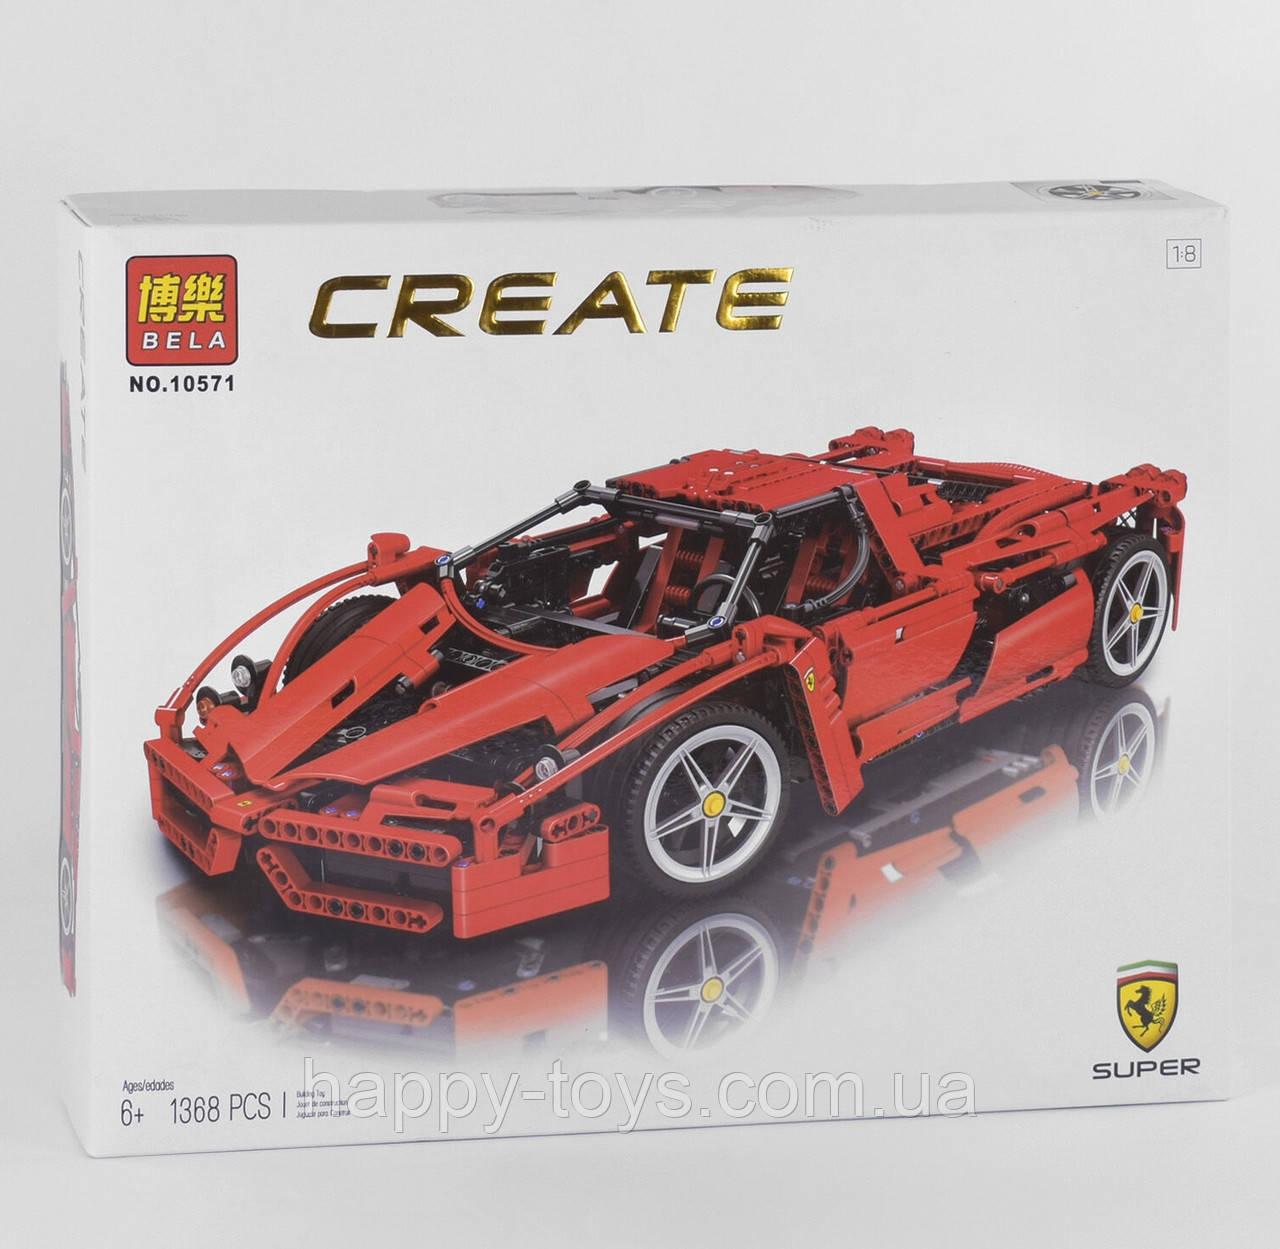 Конструктор Спорткар Ferrari  Bela Create 10571 1368 деталей